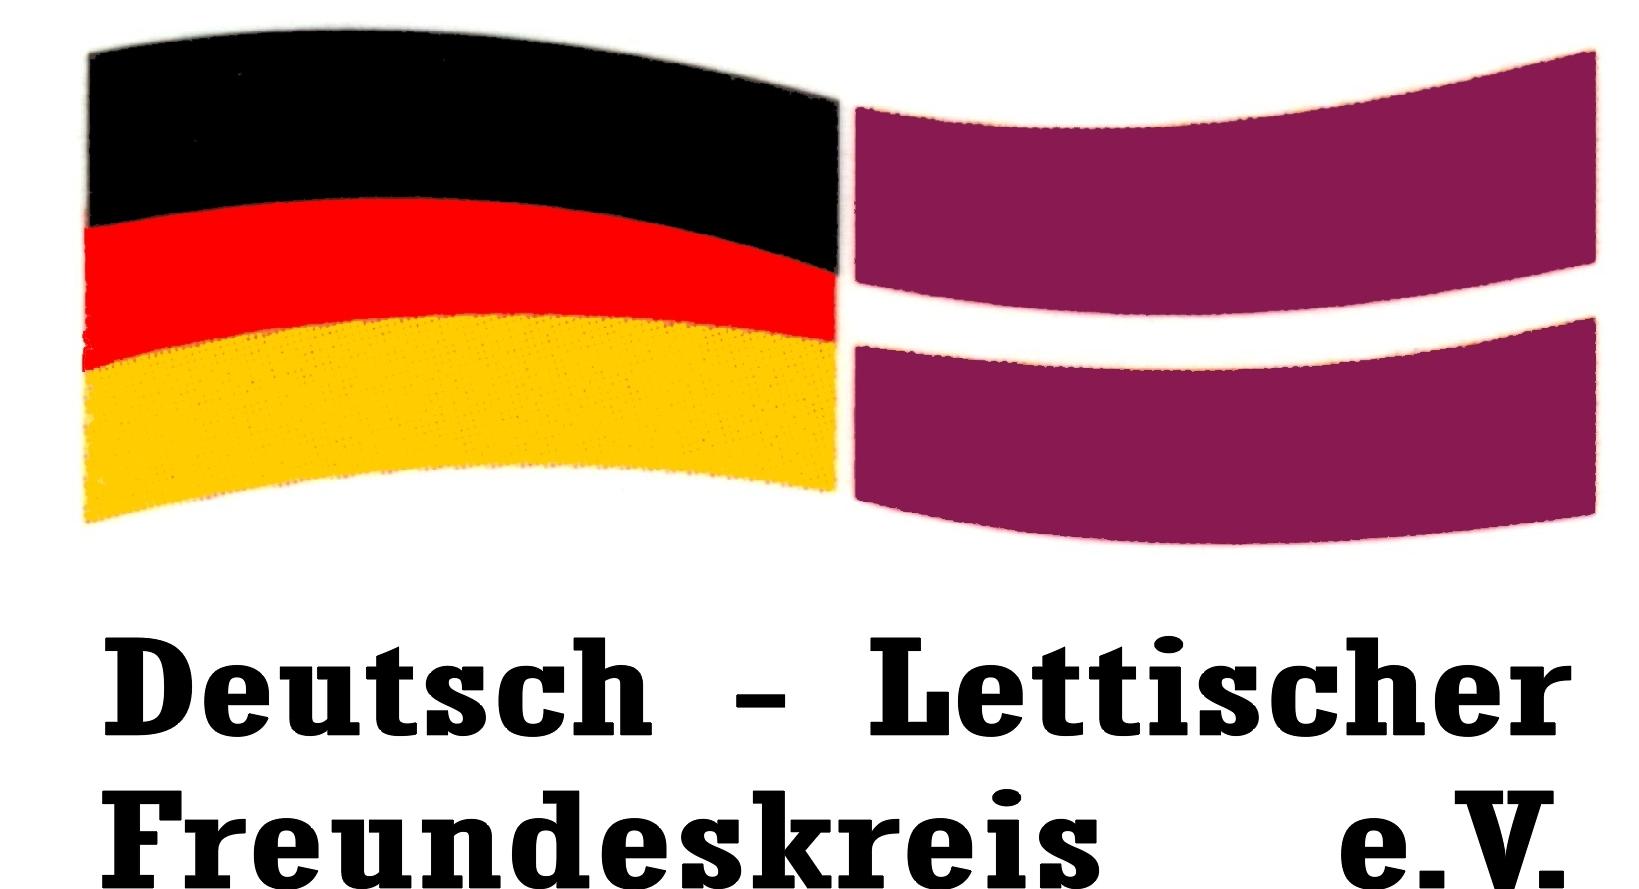 Deutsch-Lettischer Freundeskreis